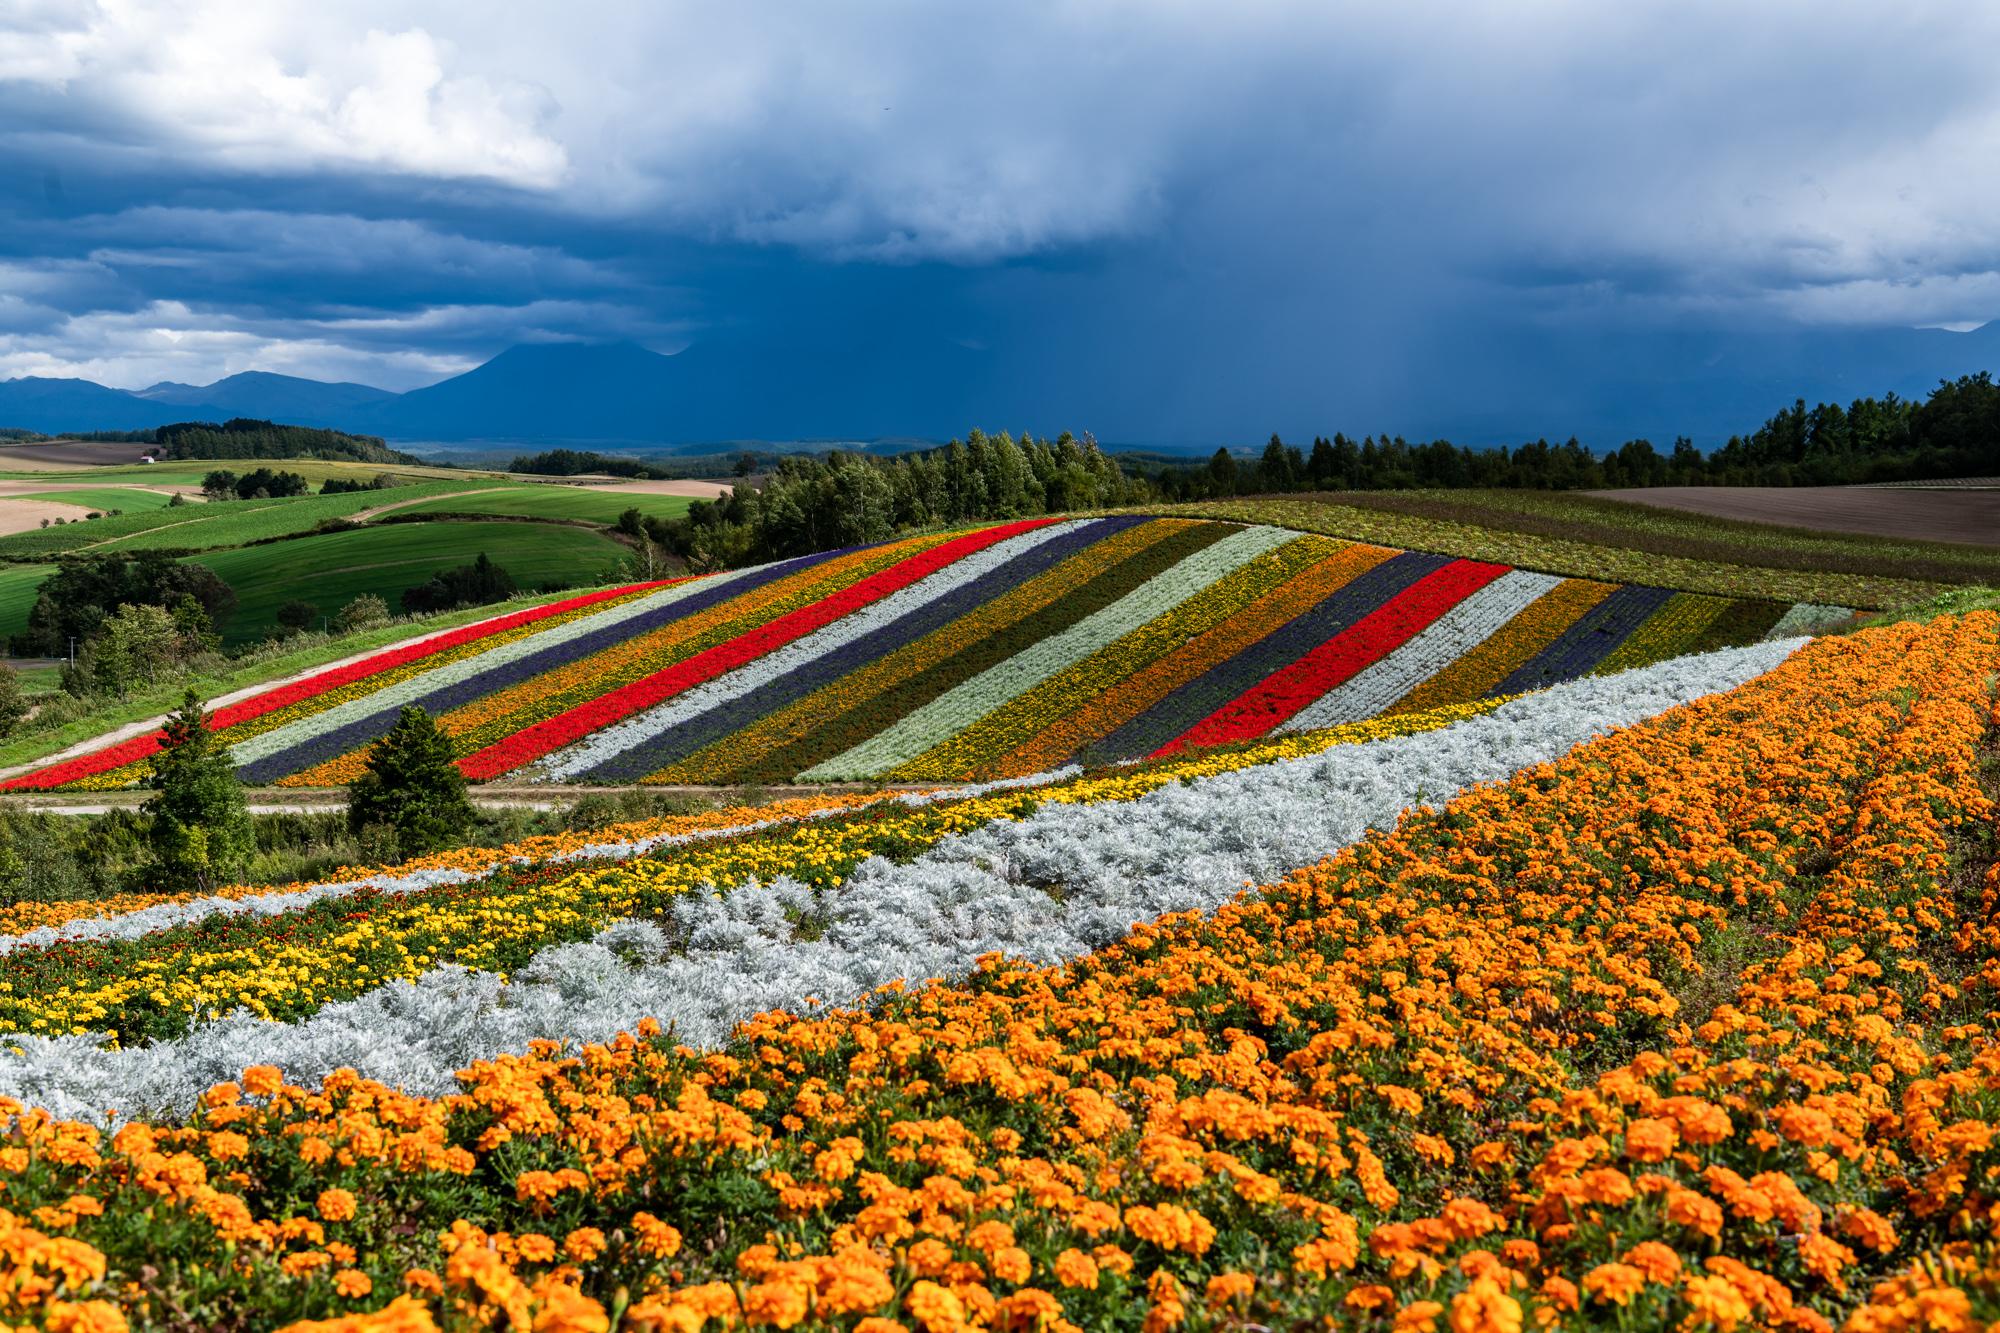 Японская цветочная ферма цветы, Хоккайдо, можно, выращивают, разные, Много, красиво, цветет, сейчас, лаванды, времени, зависимости, этого, Кроме, автобусами, большой, сувенирный, естественно, продают, магазин